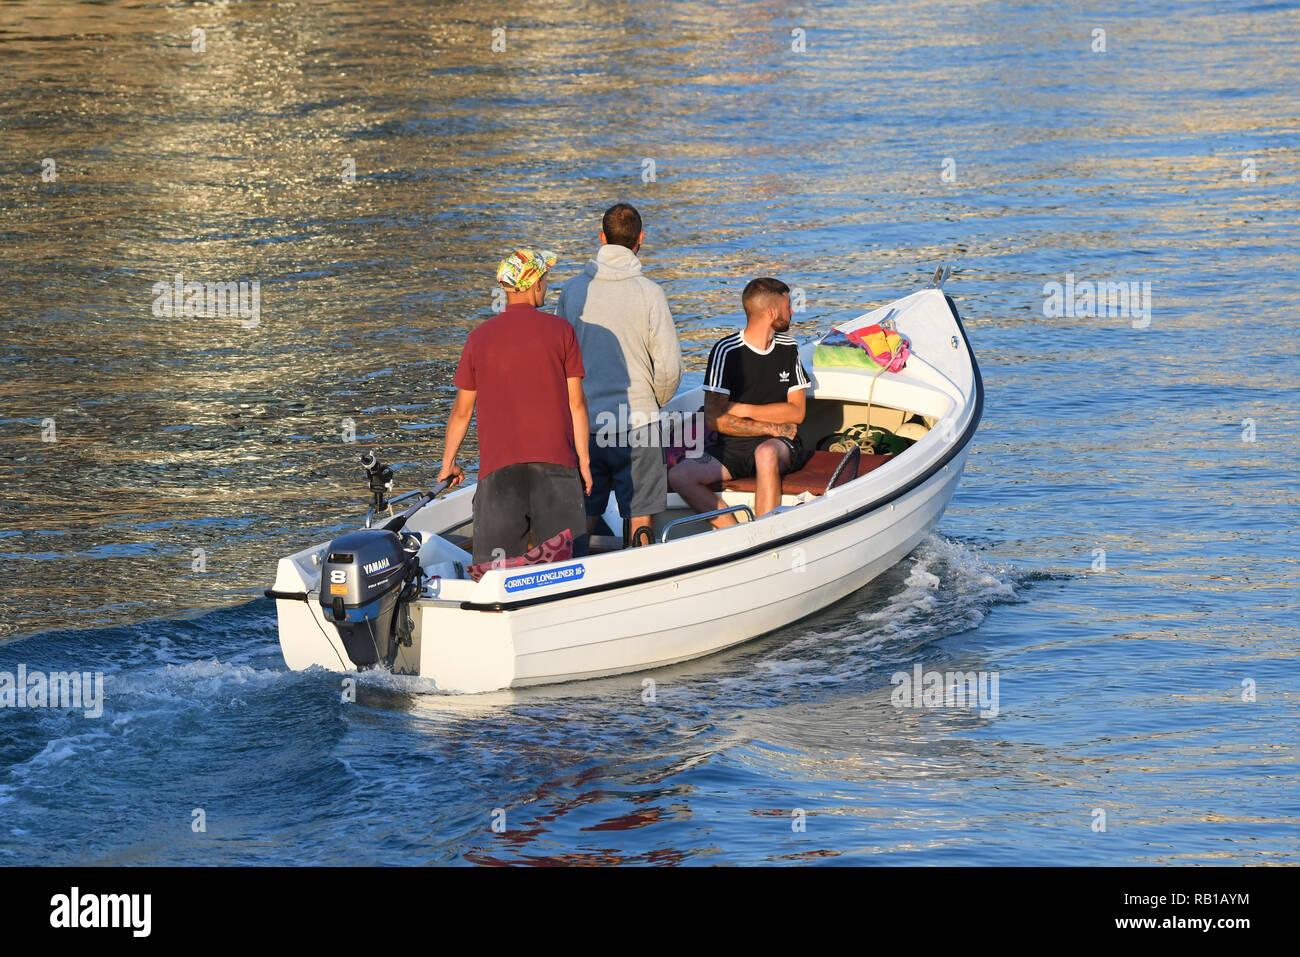 Las personas que toman un viaje de noche sobre el río en verano en el Reino Unido, en un pequeño bote con motor fuera de borda. Imagen De Stock